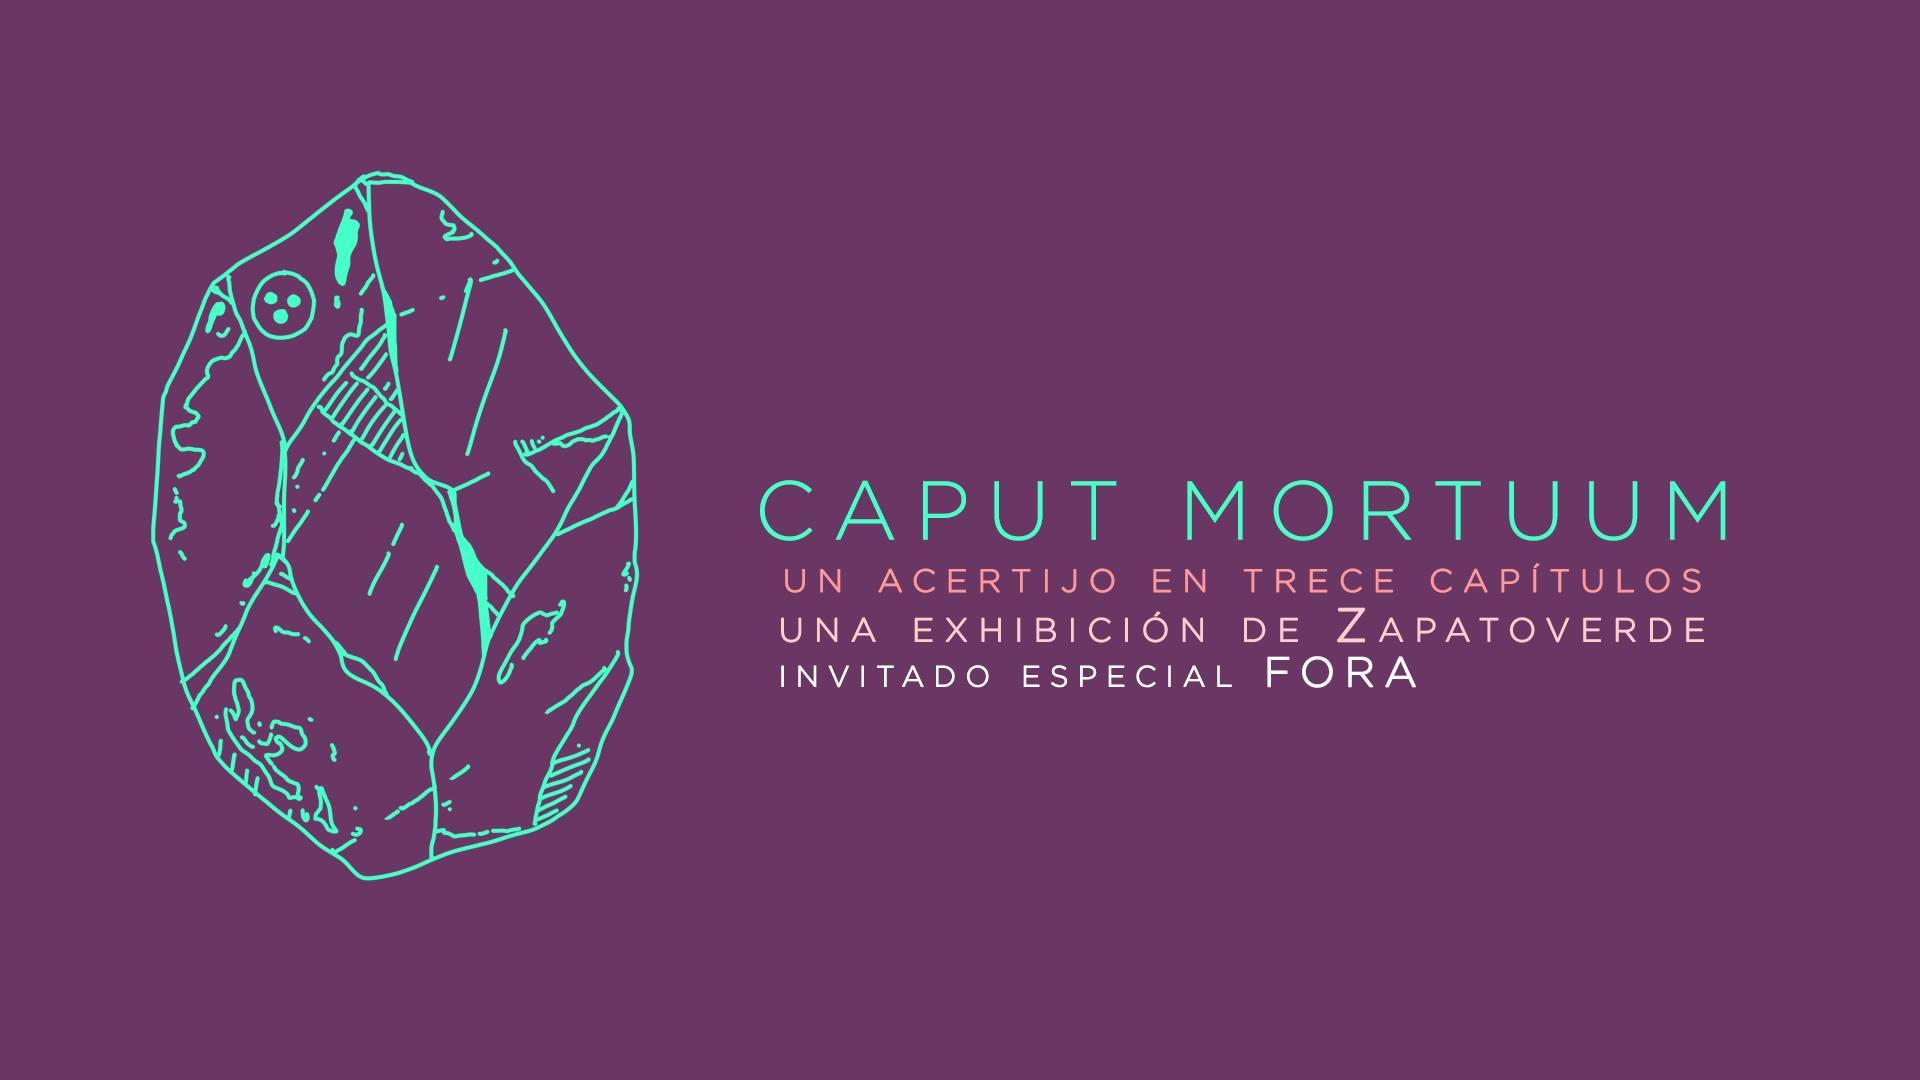 Caput Mortuum